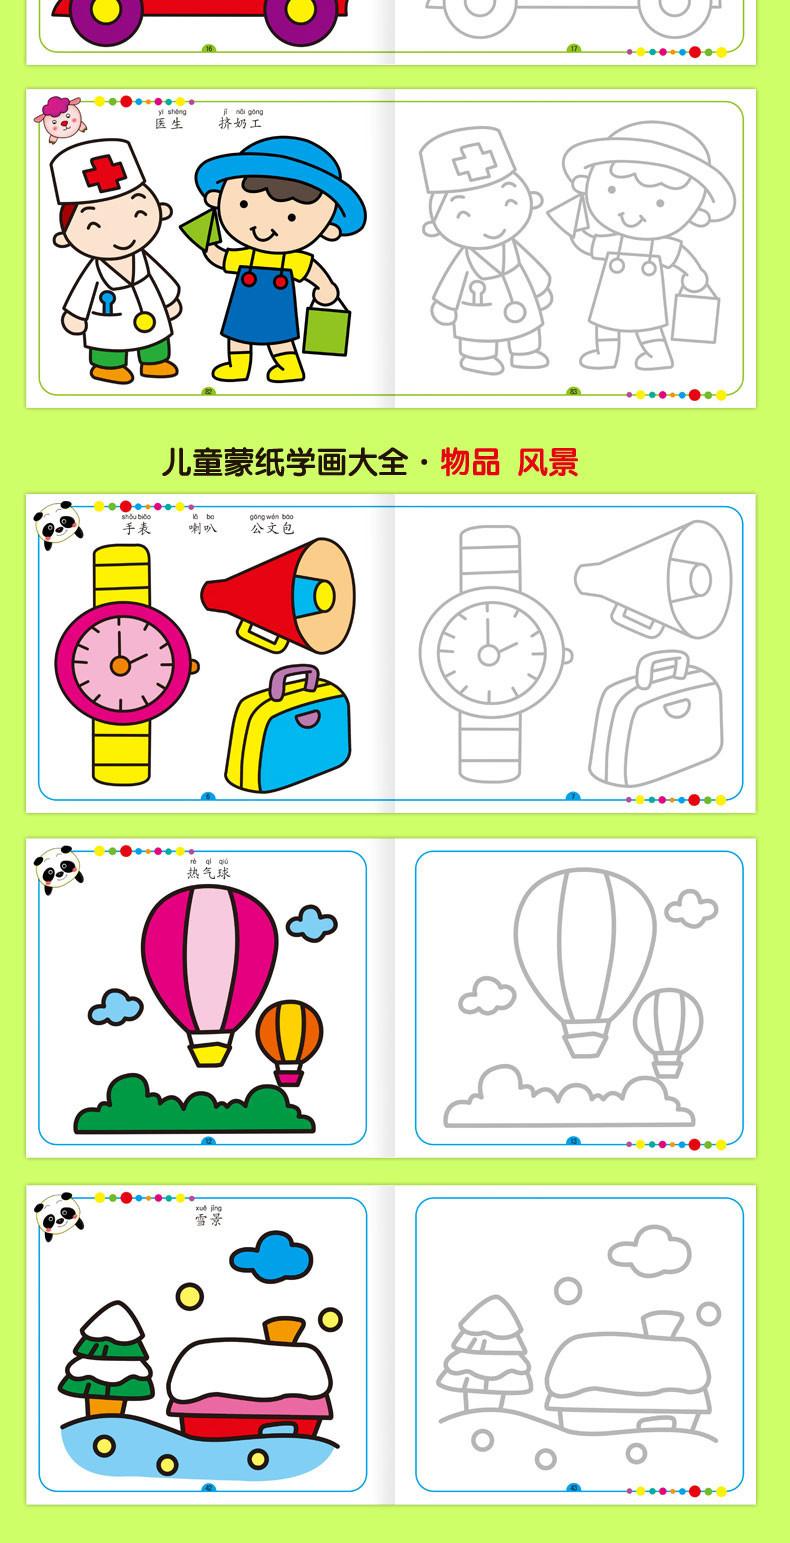 儿童蒙纸学画大全植物动物交通人物风景物品全套四册 3-4-5-6岁宝宝学